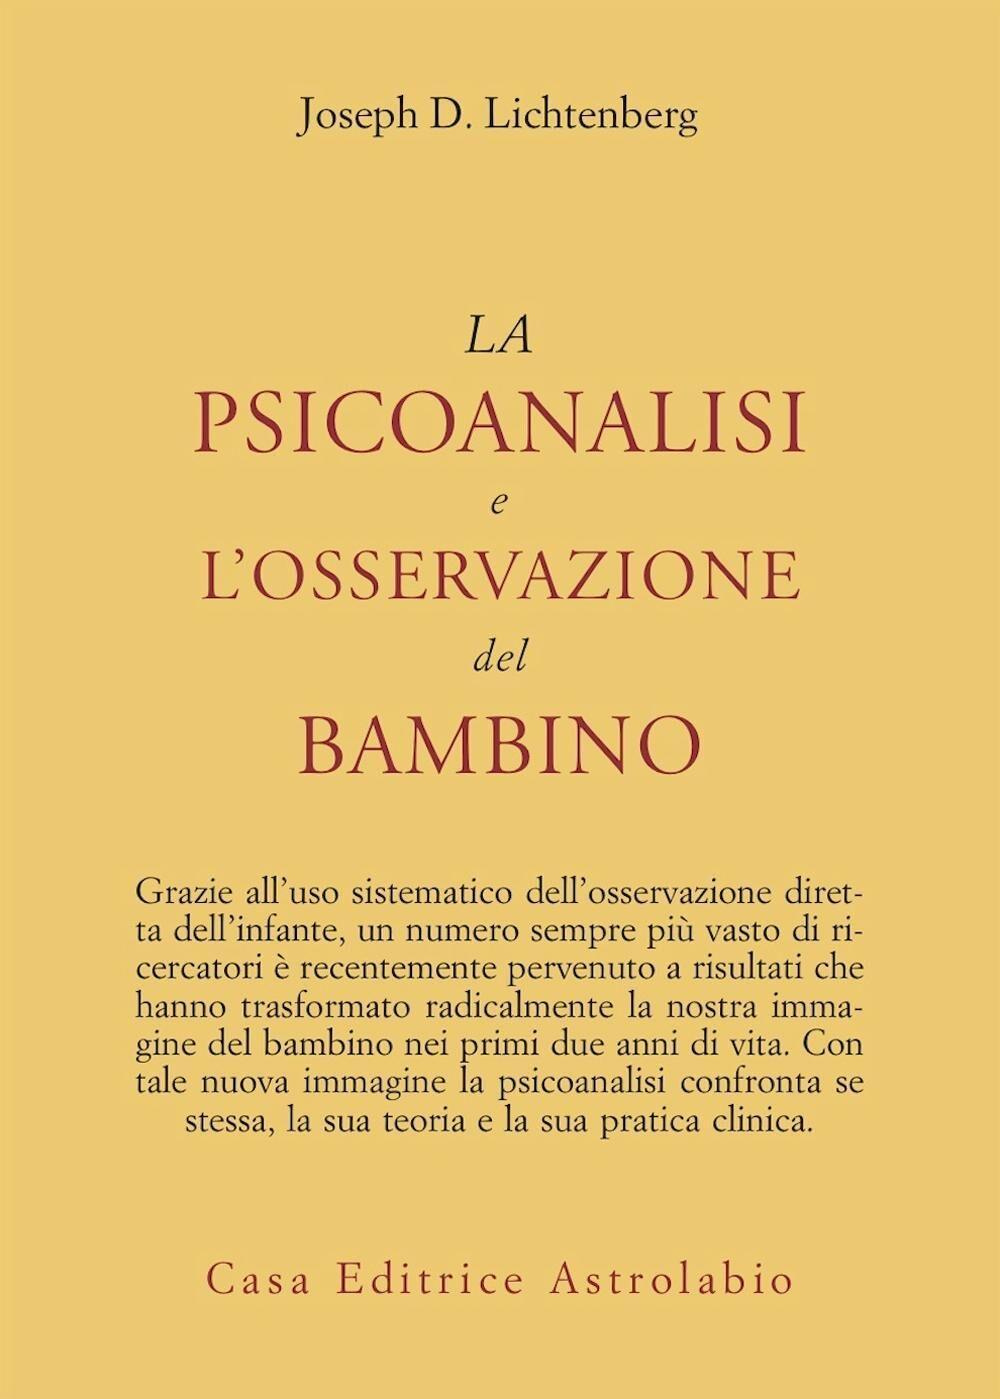 La psicoanalisi e l'osservazione del bambino